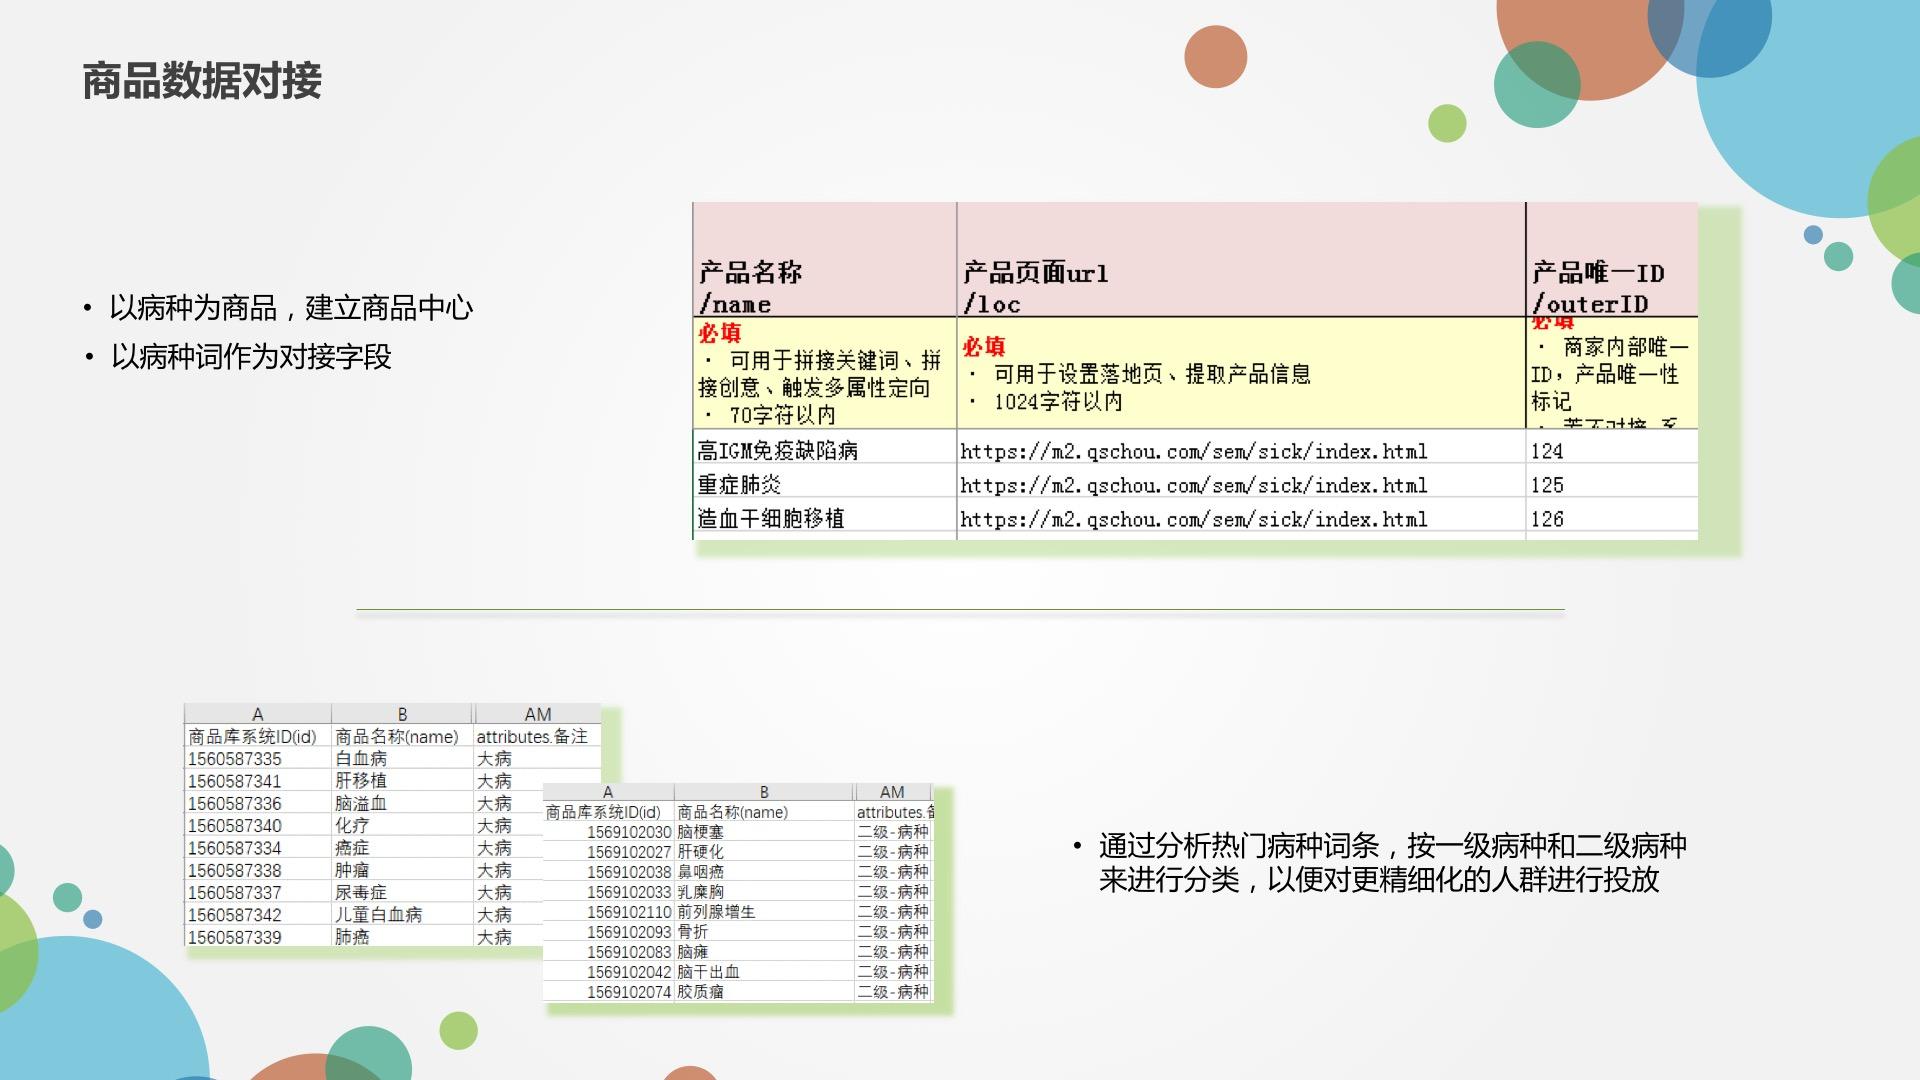 北分-金融服务-bj-轻松筹-张欣.jpg